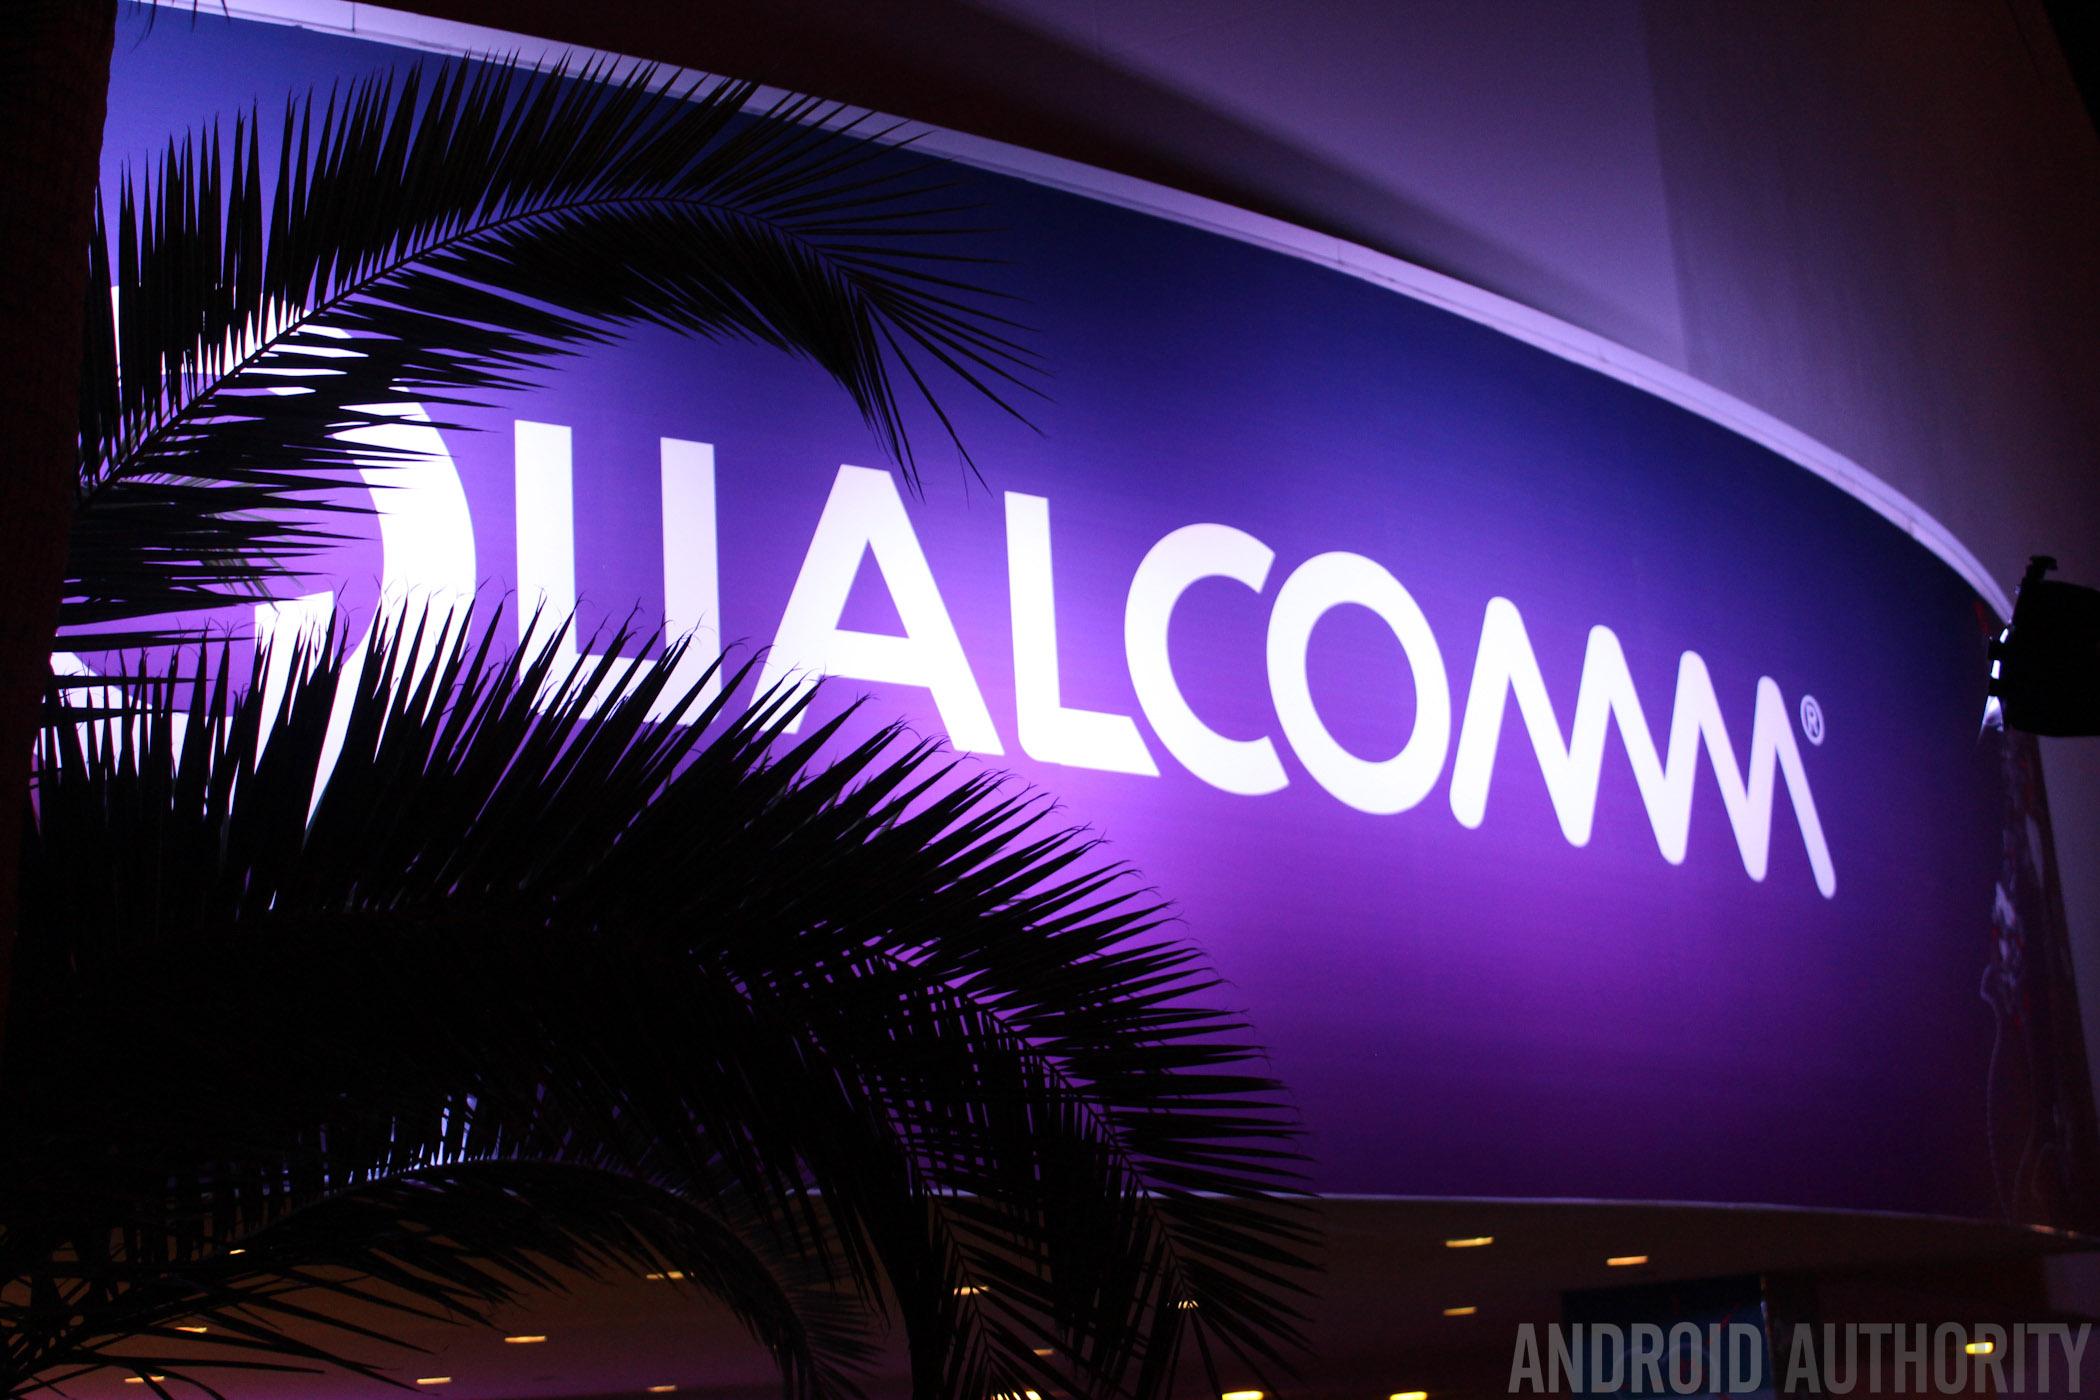 کوالکام از اولین مودم موبایل ۵G با نام Snapdragon X50 رونمایی کرد